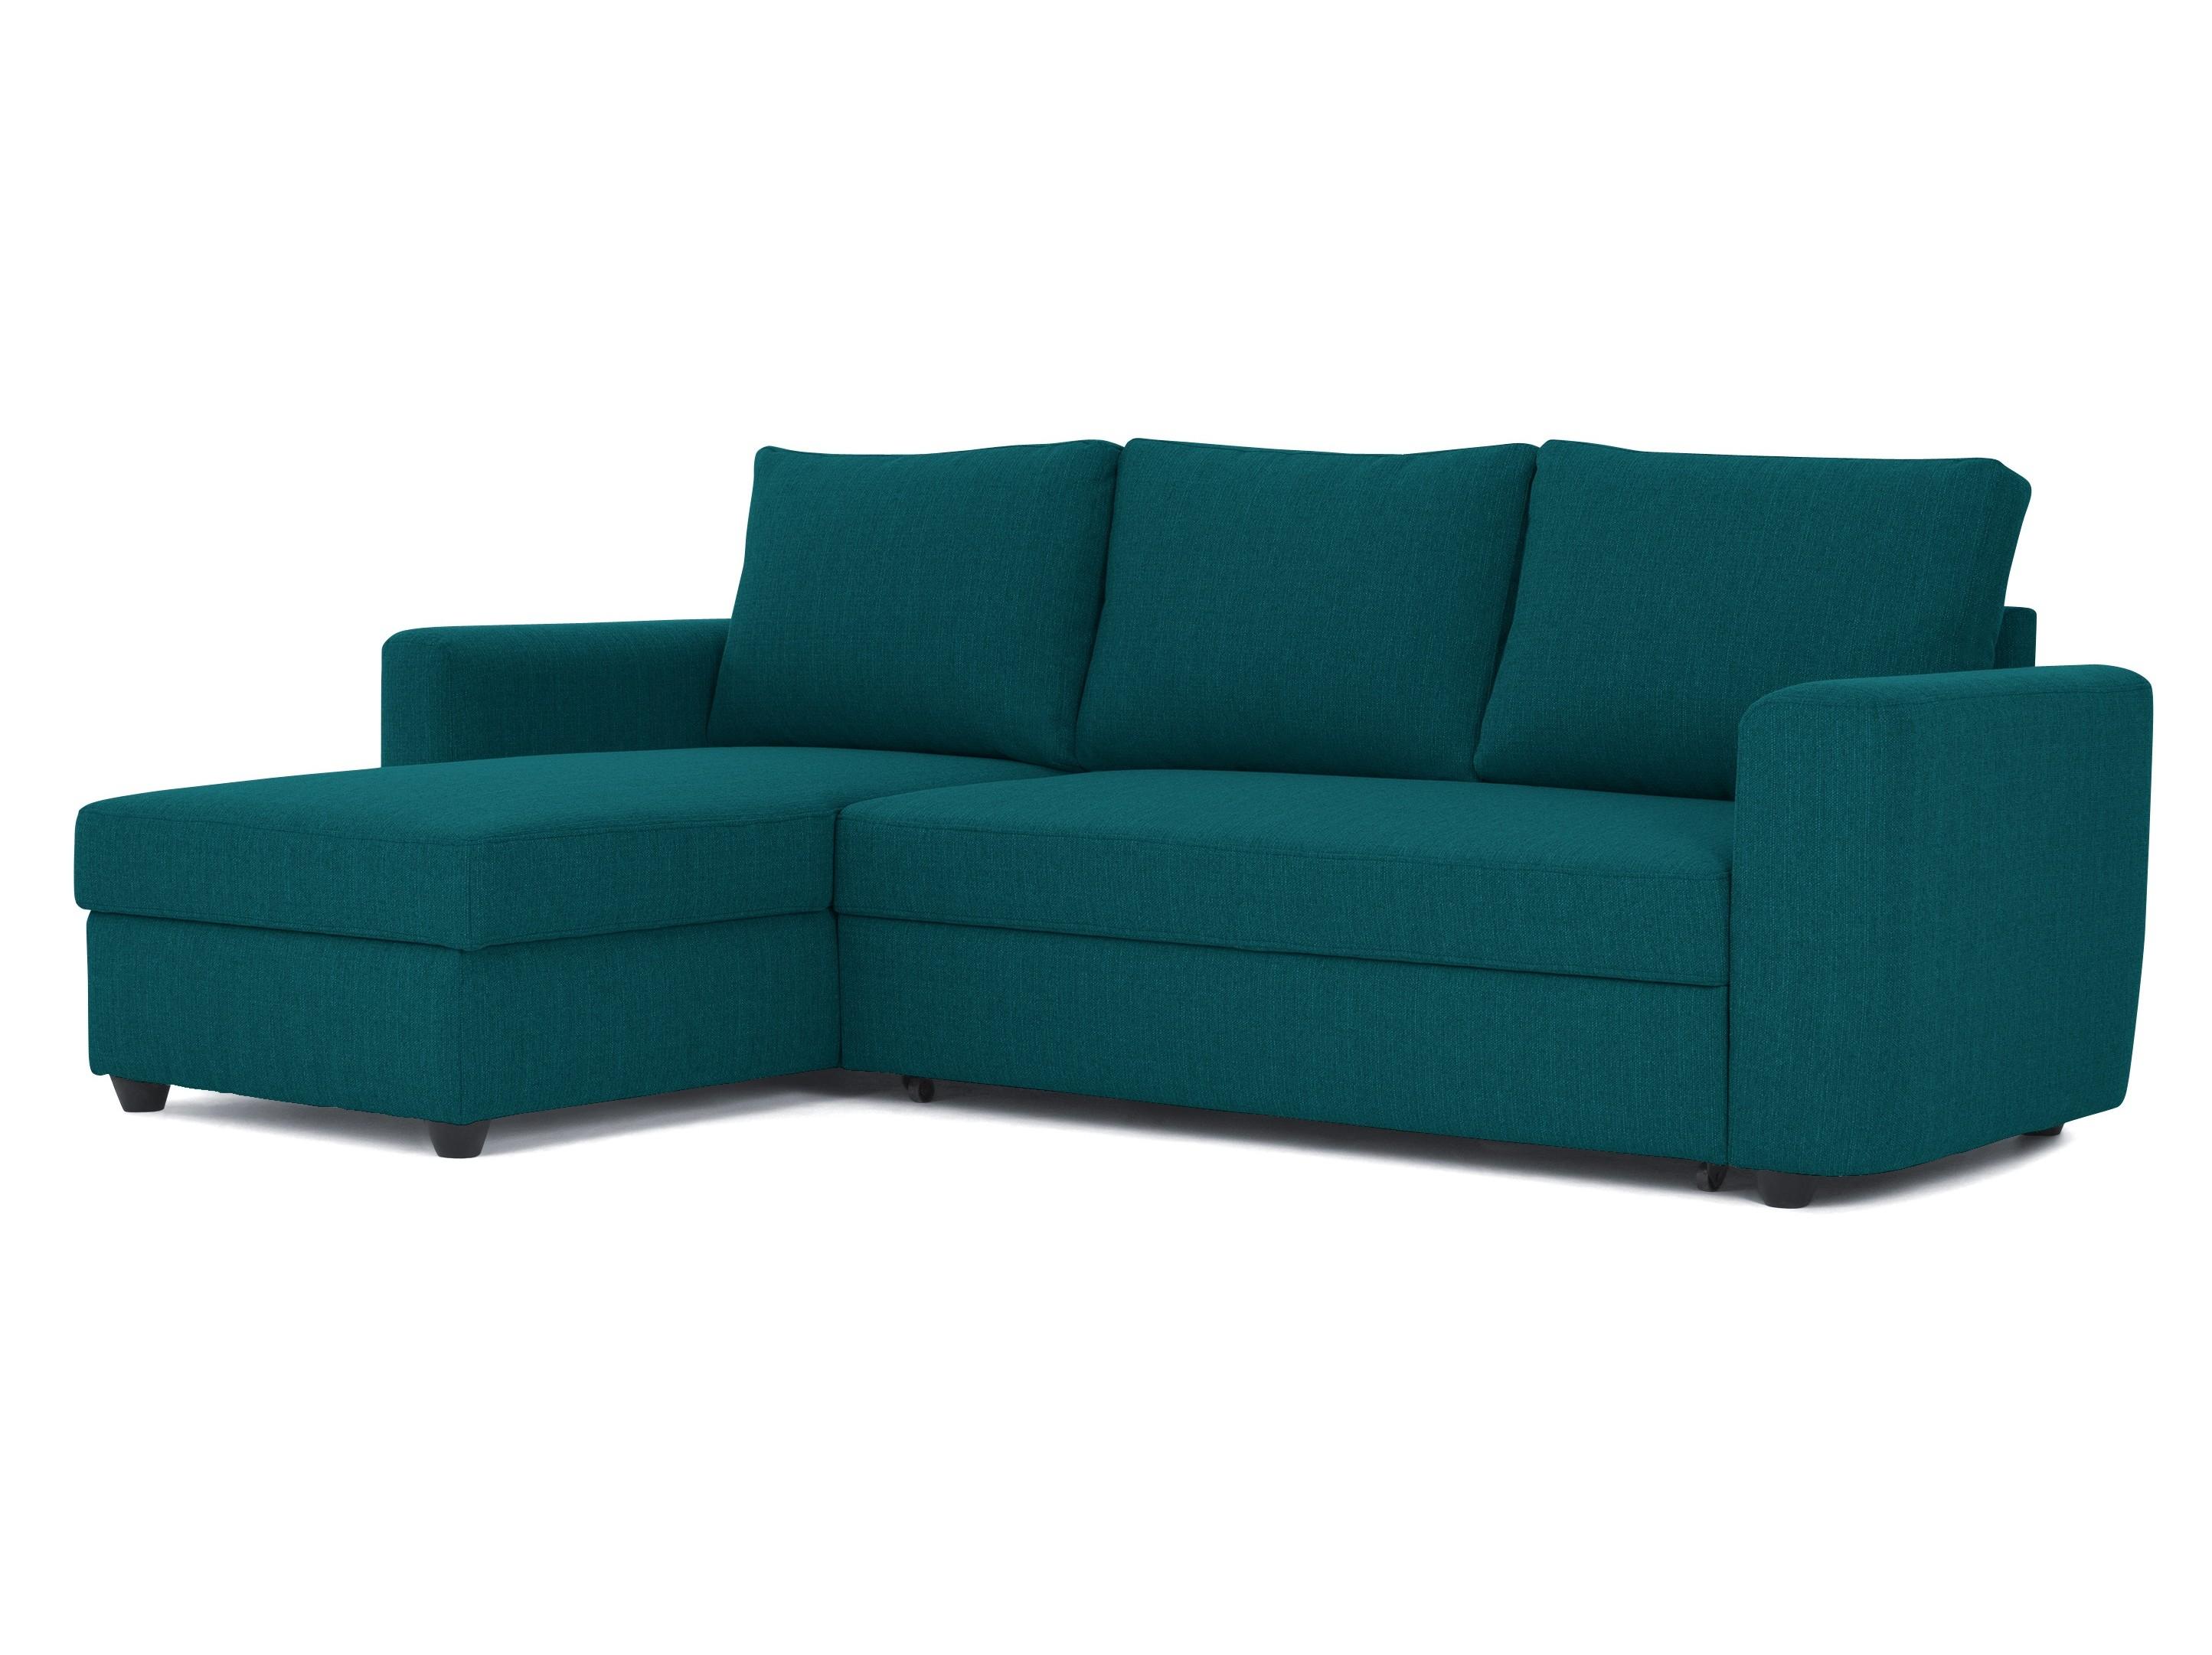 Угловой диван-кровать MarbleУгловые раскладные диваны<br>&amp;lt;div&amp;gt;&amp;lt;div&amp;gt;&amp;lt;div&amp;gt;Если у вас свободного места в обрез, то разумным вложением станет диван &amp;quot;Marble&amp;quot;, ведь вы сами можете определять положение его угла. Этот комфортный угловой диван, легким движением руки, раскладывается в просторное спальное место. Идеальное решение для самых внезапных гостей.&amp;lt;/div&amp;gt;&amp;lt;div&amp;gt;&amp;lt;br&amp;gt;&amp;lt;/div&amp;gt;&amp;lt;/div&amp;gt;&amp;lt;div&amp;gt;Возможность менять сторону угла (правый,левый).&amp;amp;nbsp;&amp;lt;/div&amp;gt;&amp;lt;div&amp;gt;Ламели включены в стоимость.&amp;amp;nbsp;&amp;lt;br&amp;gt;&amp;lt;/div&amp;gt;&amp;lt;div&amp;gt;Раскладной механизм: дельфин.&amp;lt;br&amp;gt;&amp;lt;/div&amp;gt;&amp;lt;div&amp;gt;Вместительный ящик для белья (149х19x64cm)&amp;lt;br&amp;gt;&amp;lt;/div&amp;gt;&amp;lt;div&amp;gt;Размер спального места: 200х140 см.&amp;lt;br&amp;gt;&amp;lt;/div&amp;gt;&amp;lt;div&amp;gt;&amp;lt;br&amp;gt;&amp;lt;/div&amp;gt;Материал: бук, текстиль.&amp;amp;nbsp;&amp;lt;div&amp;gt;Корпус: массив, фанера.&amp;lt;/div&amp;gt;&amp;lt;/div&amp;gt;<br><br>Material: Текстиль<br>Ширина см: 243.0<br>Высота см: 83.0<br>Глубина см: 152.0